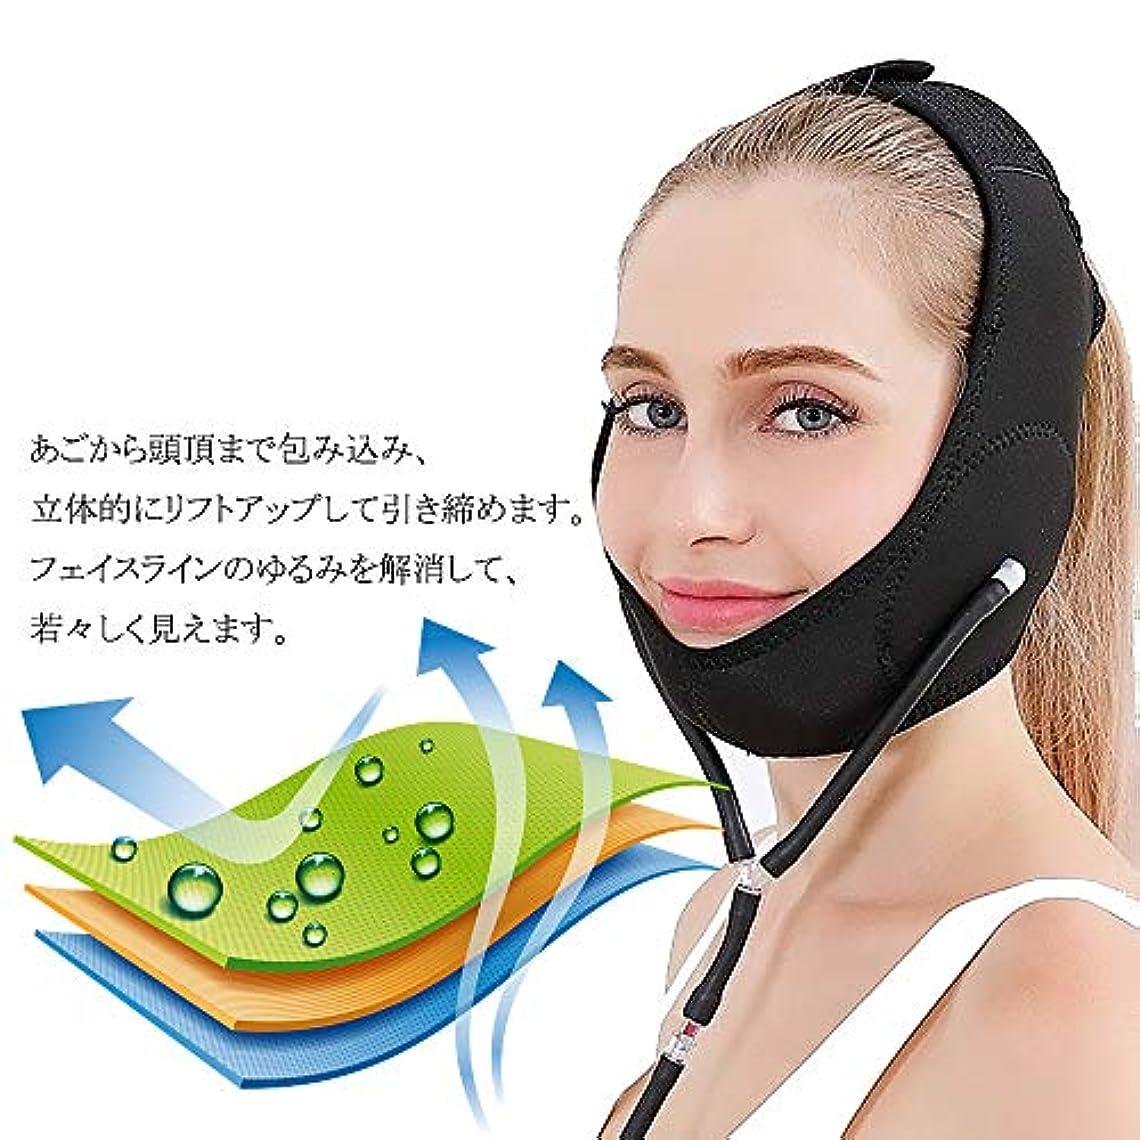 報奨金じゃがいも羨望SHQIDLILAG (ヨイ) エアー 顔やせ マスク 小顔 ほうれい線 空気入れ エアーポンプ 顔のエクササイズ フェイスリフト レディース (フリーサイズ, ピンク) (B)